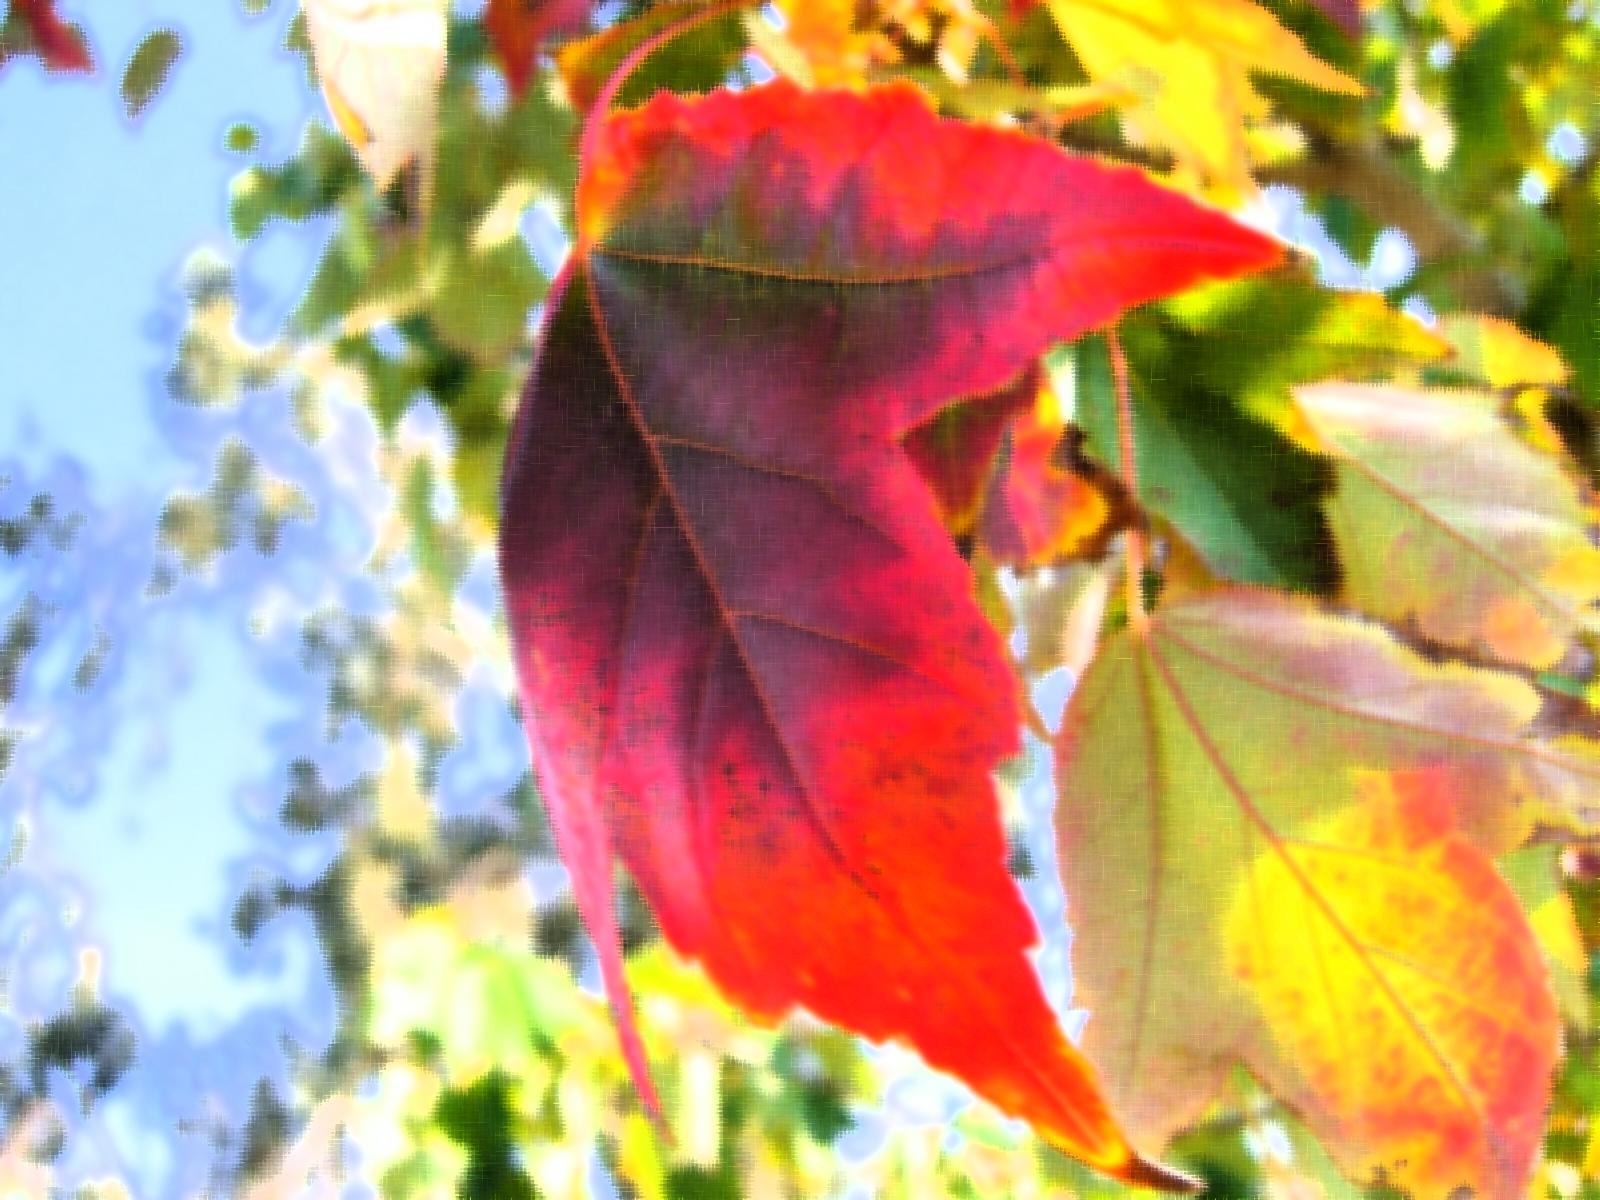 Autumn Leaves, Artwork, Autumn, Brown, Bspo06, HQ Photo